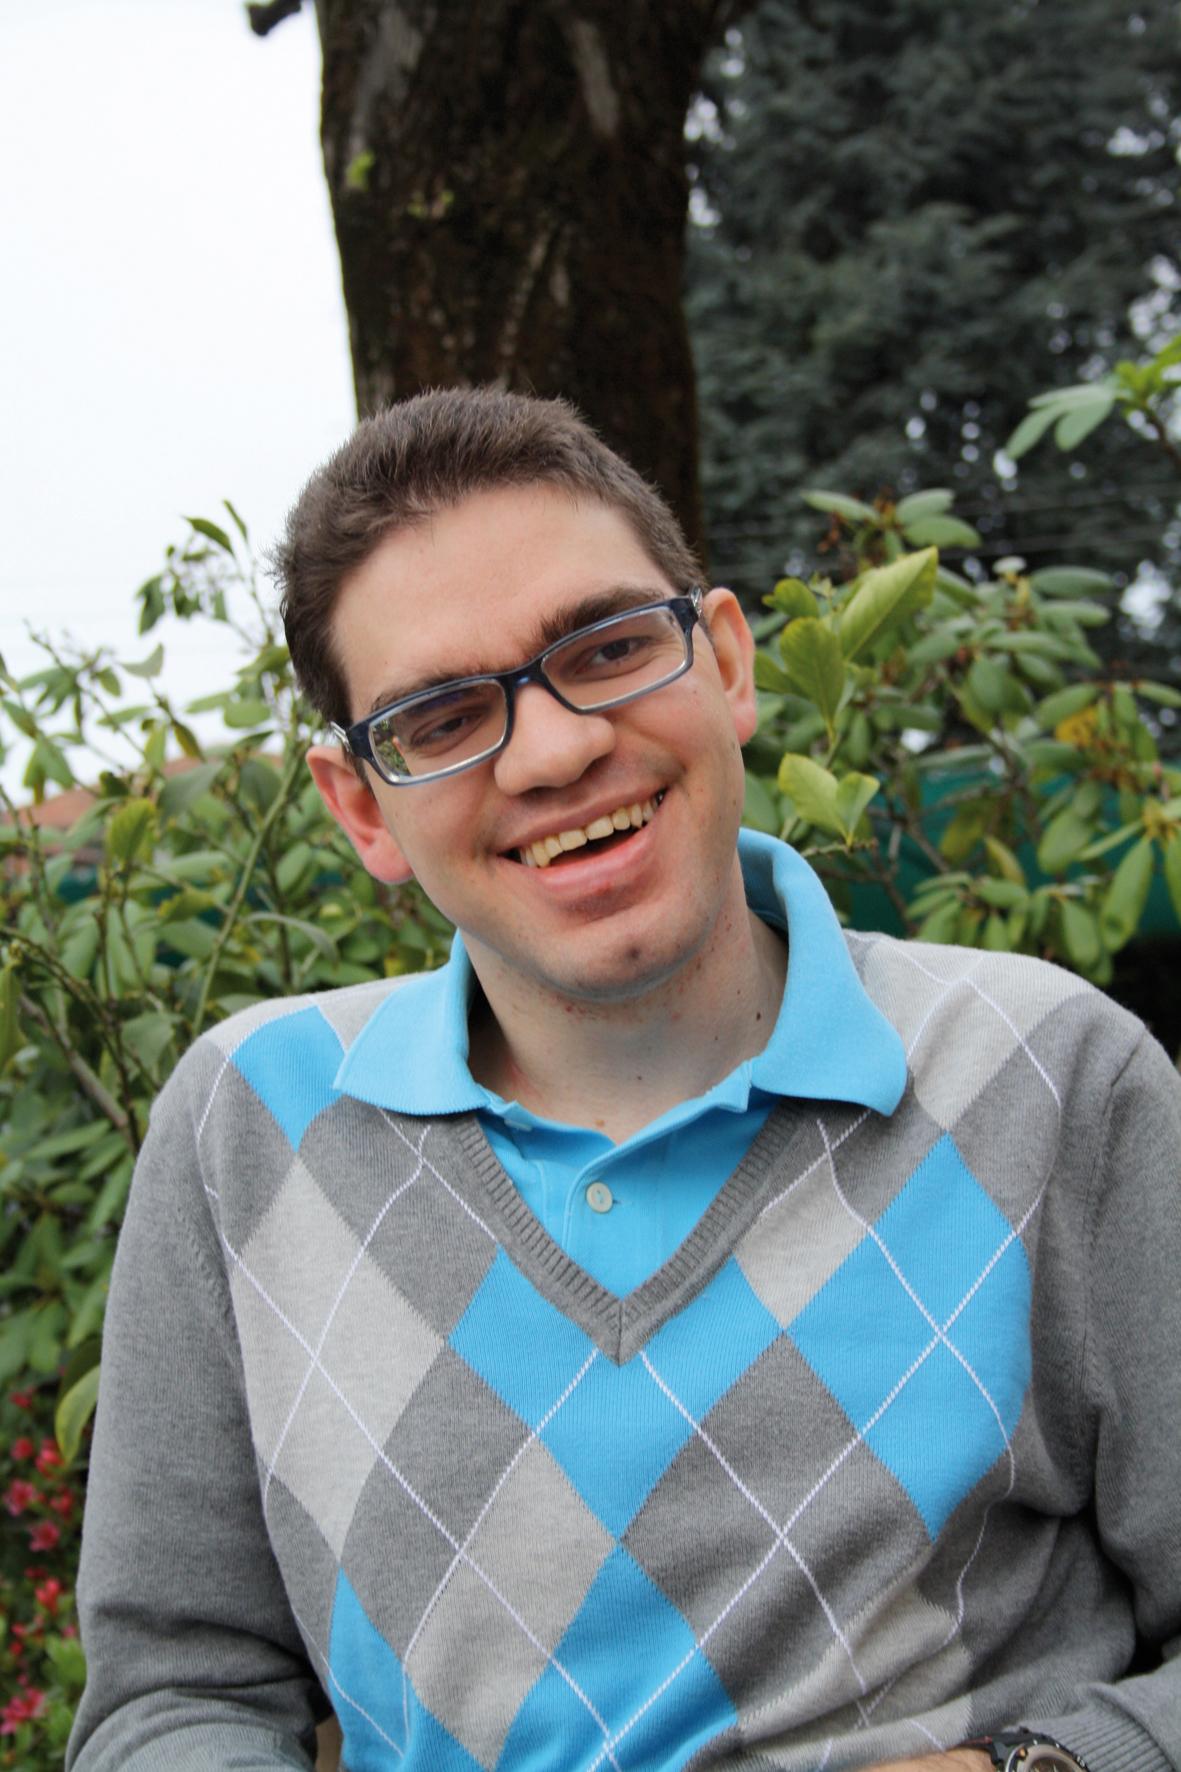 Riccardo, una vita tra disabilità, serenità e desideri